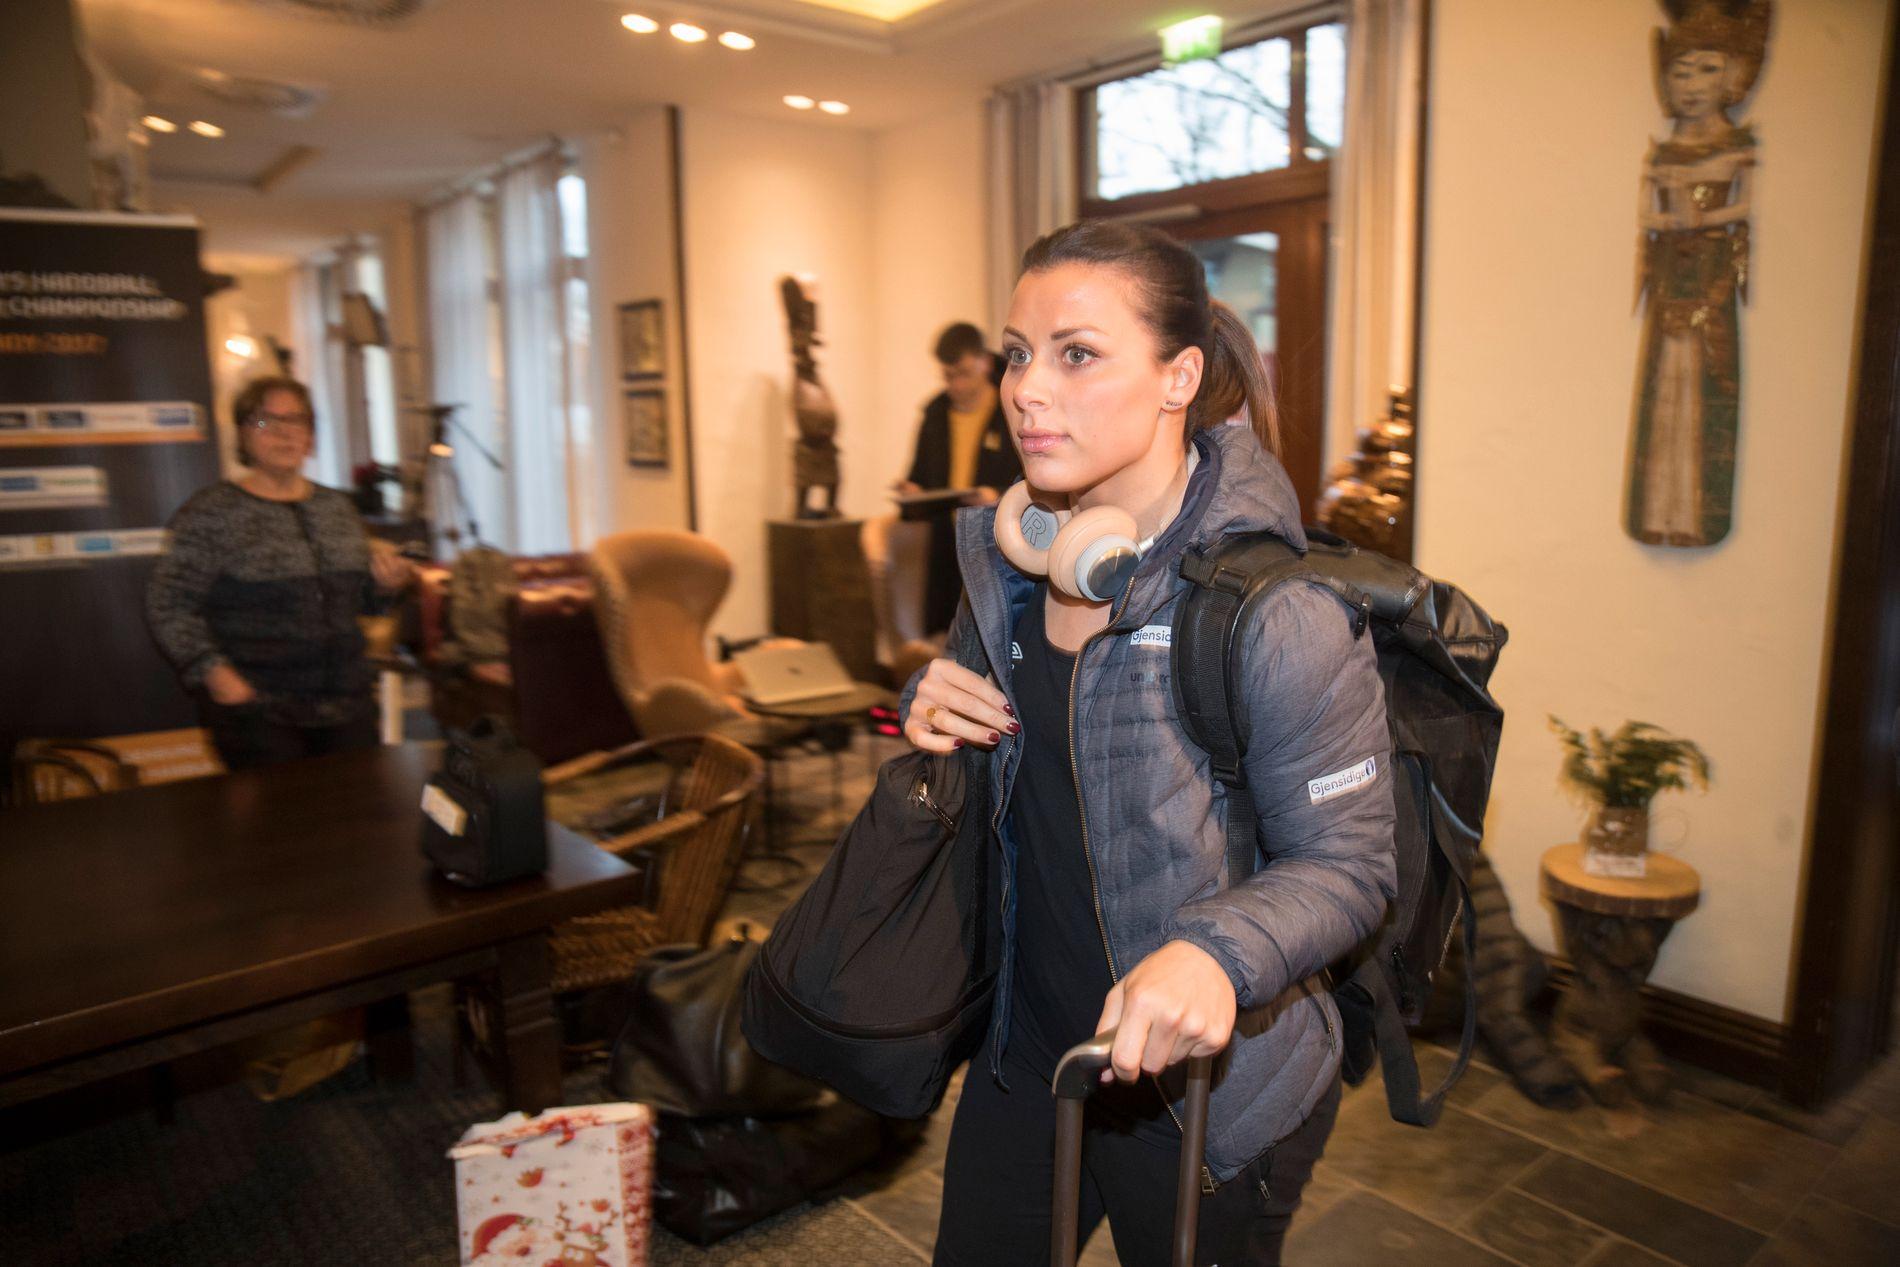 SVARER: Nora Mørk er sterkt kritisk til håndballforbundets og idrettstoppenes håndtering av bildelekkasjesaken.